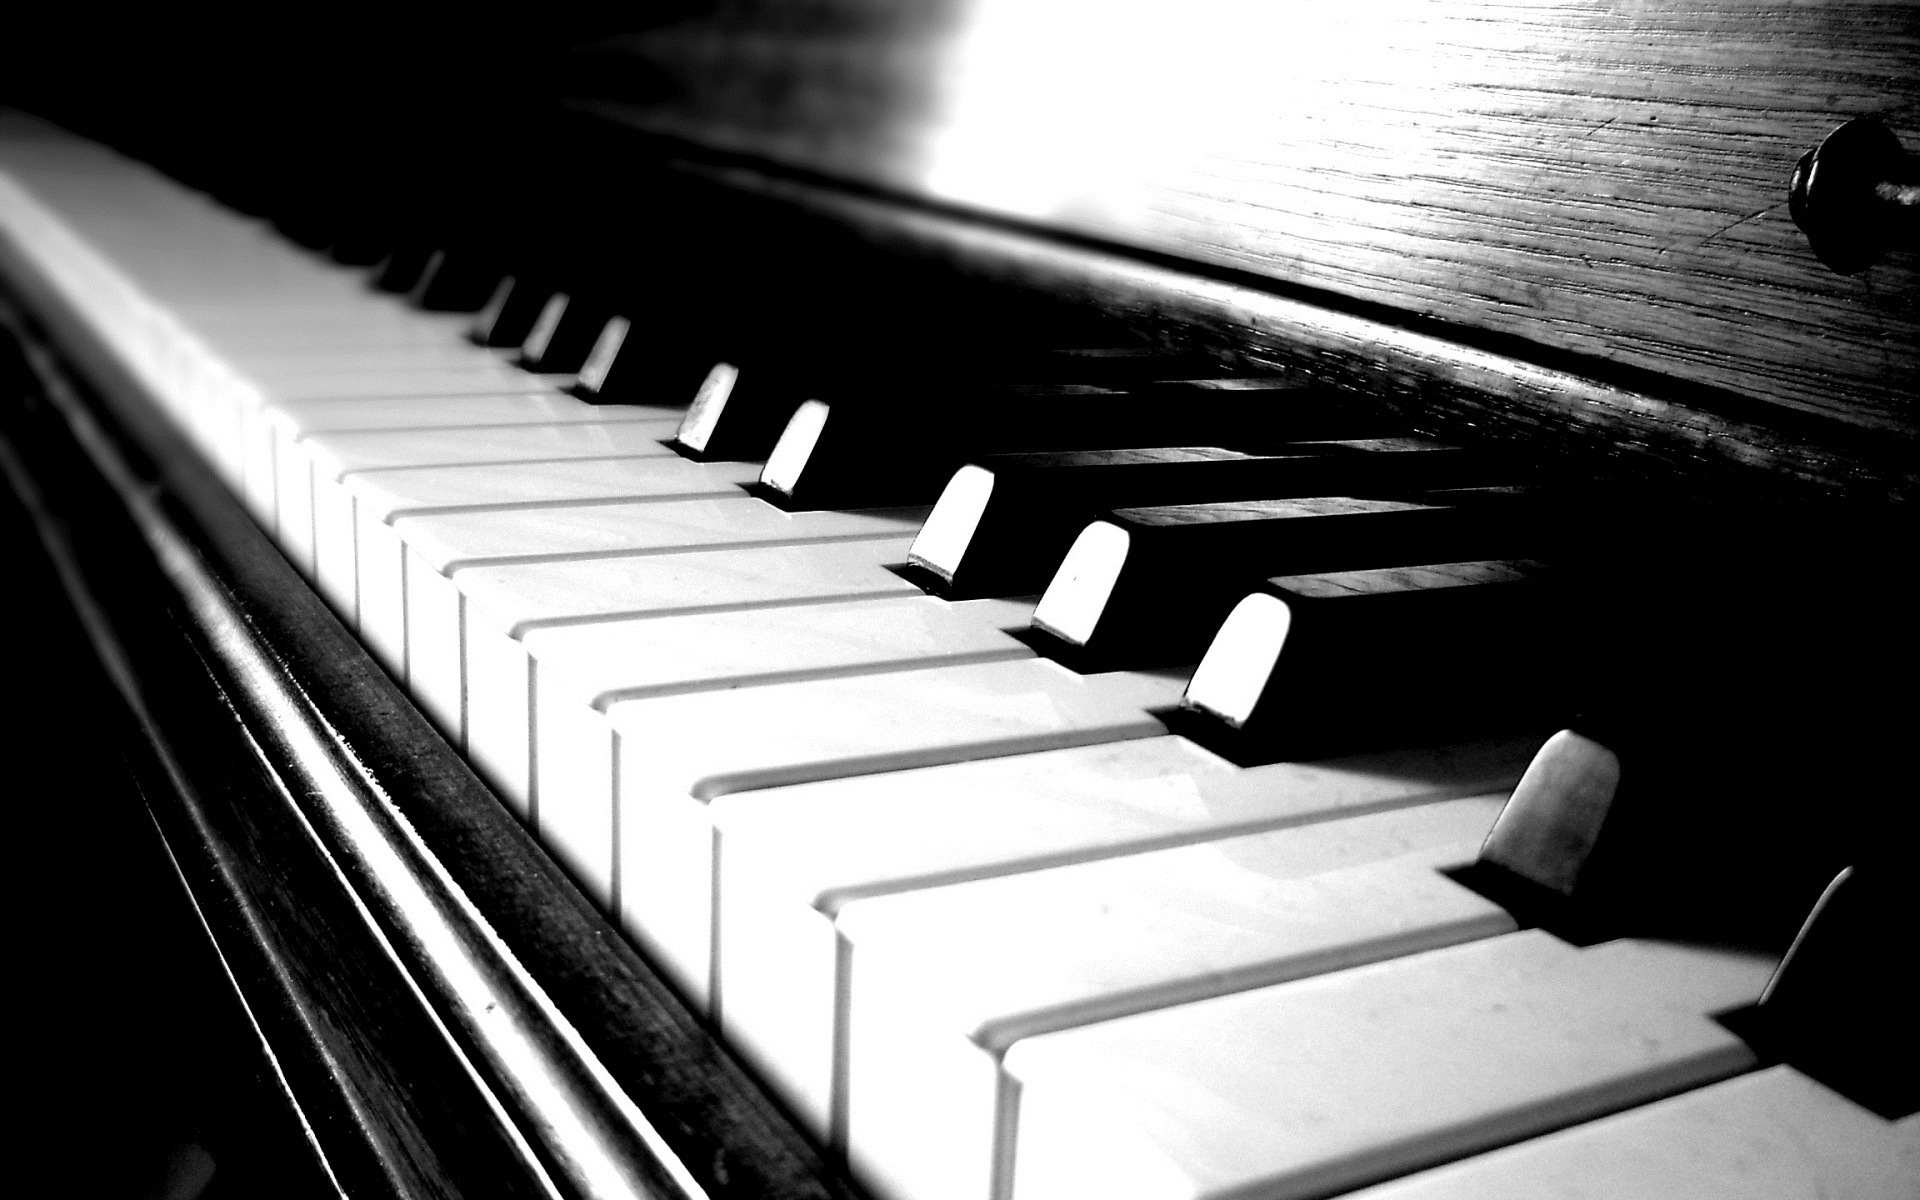 16839 скачать обои Инструменты, Объекты, Пианино - заставки и картинки бесплатно